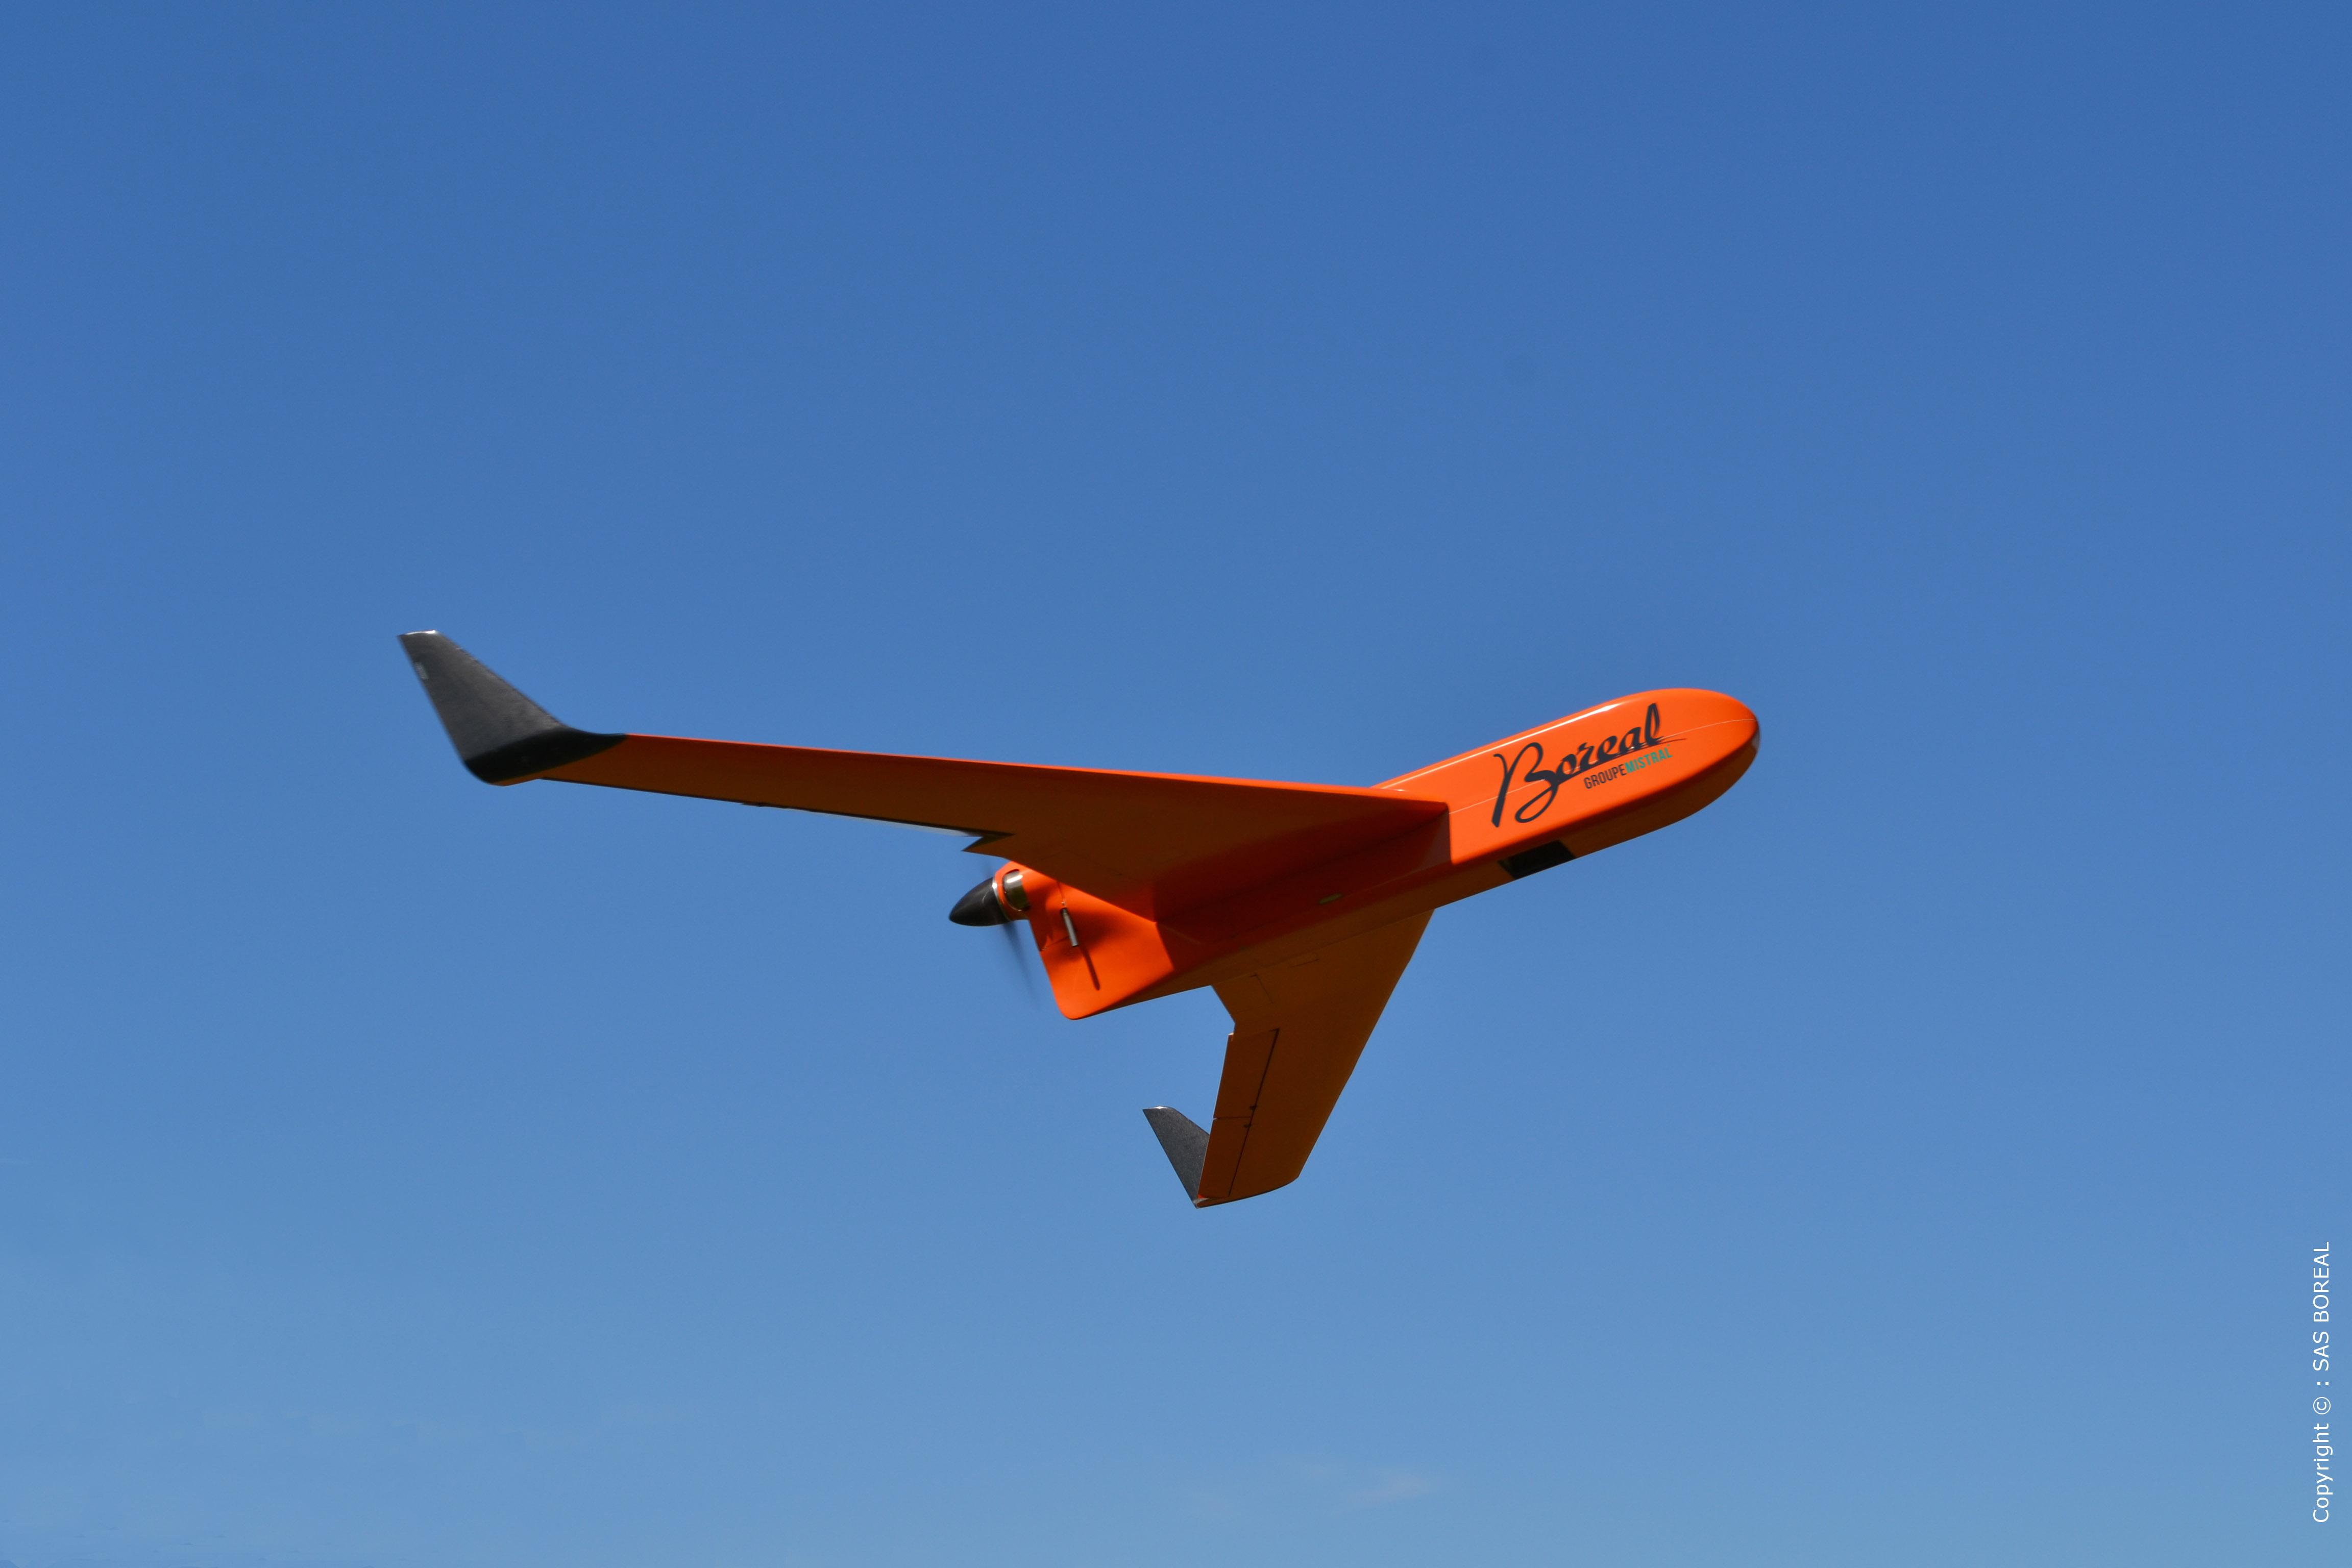 Droner er bare noen av de mange typene farkoster som er avhengige avsatellittnavigasjonssystemer som Galileo. Foto: GSA